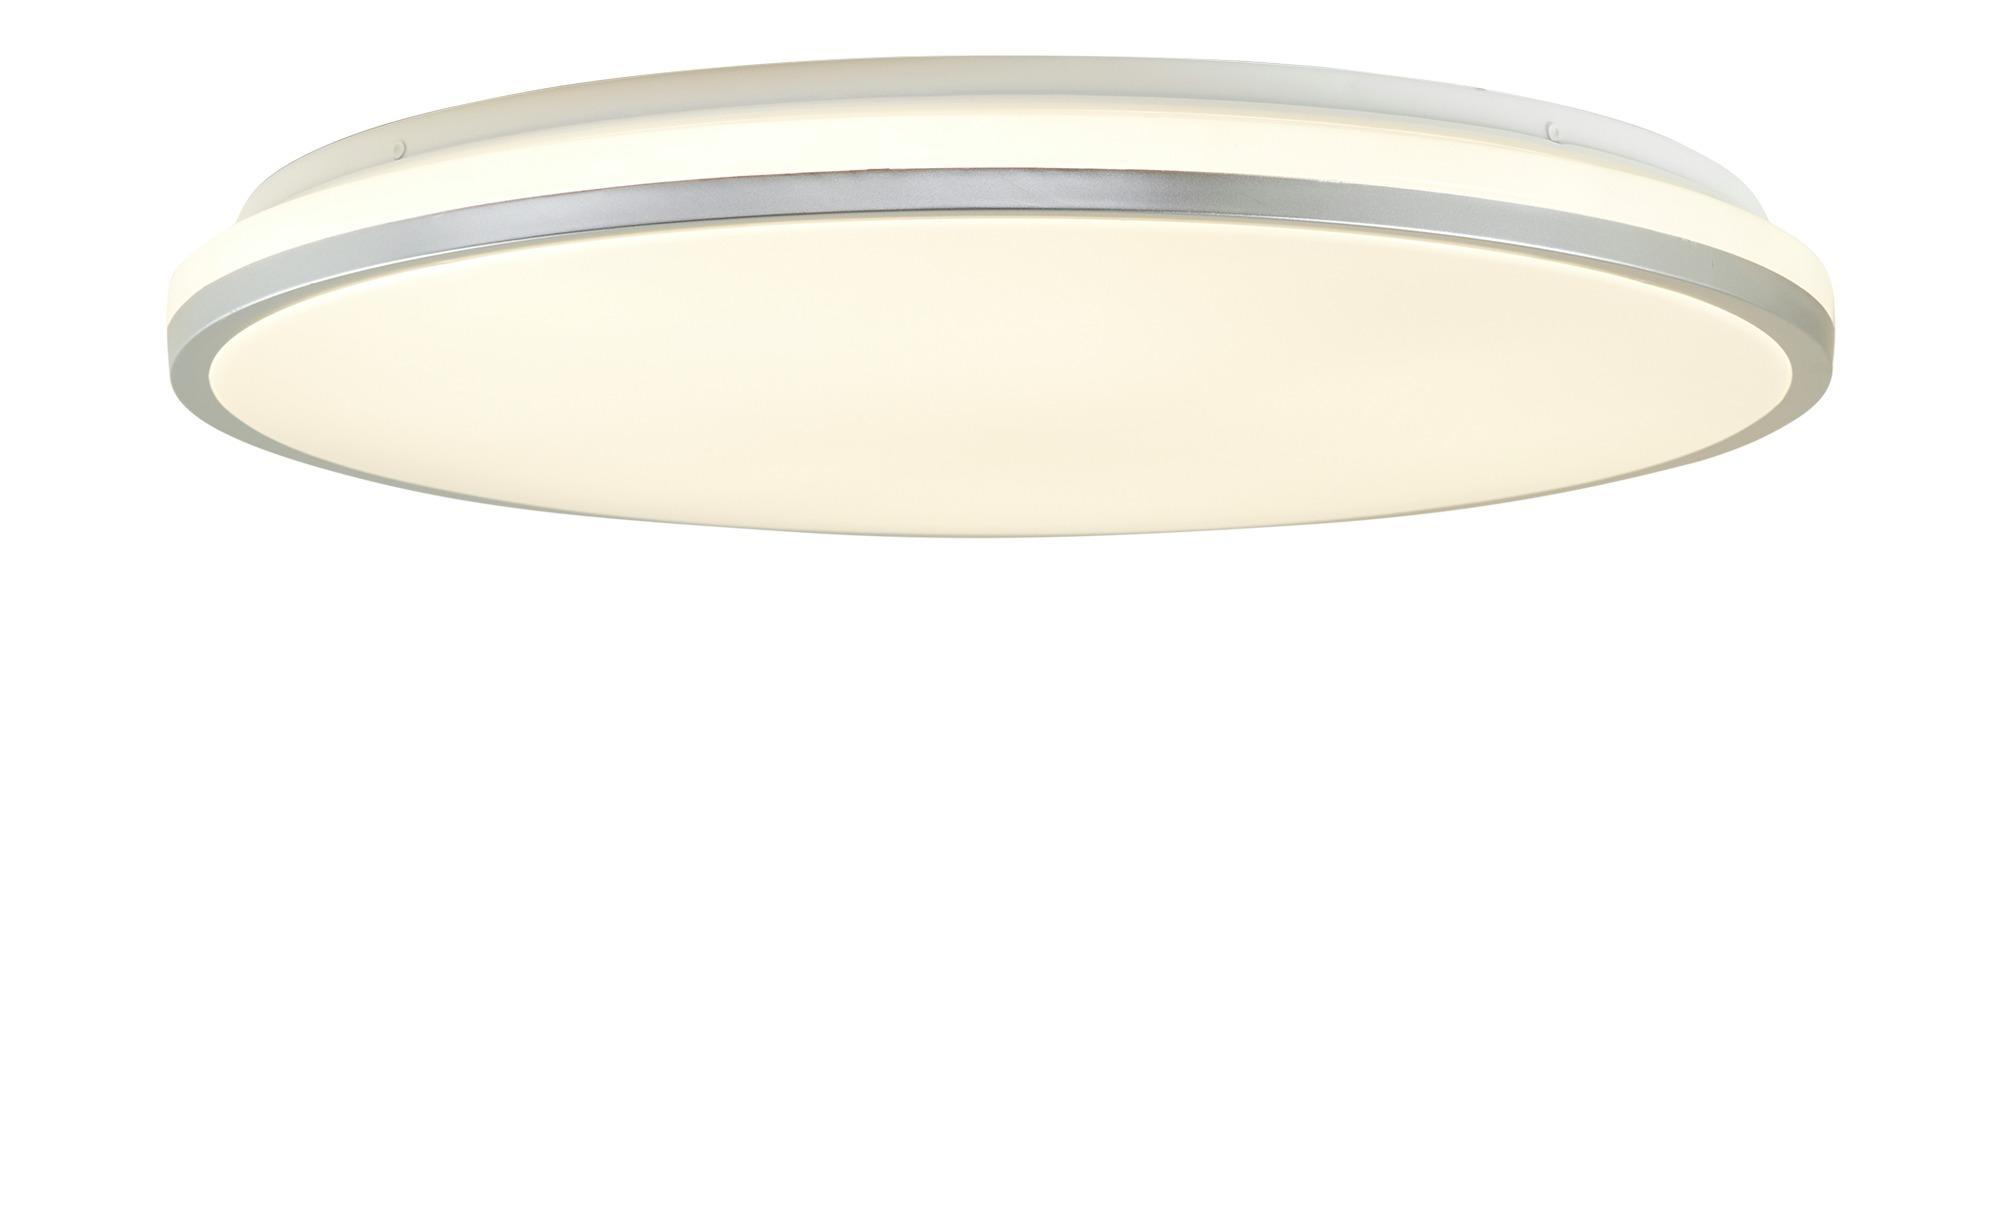 Meisterleuchten LED-Deckenleuchte ¦ Maße (cm): H: 6 Ø: 48.5 Lampen & Leuchten > Innenleuchten > Deckenleuchten - Höffner